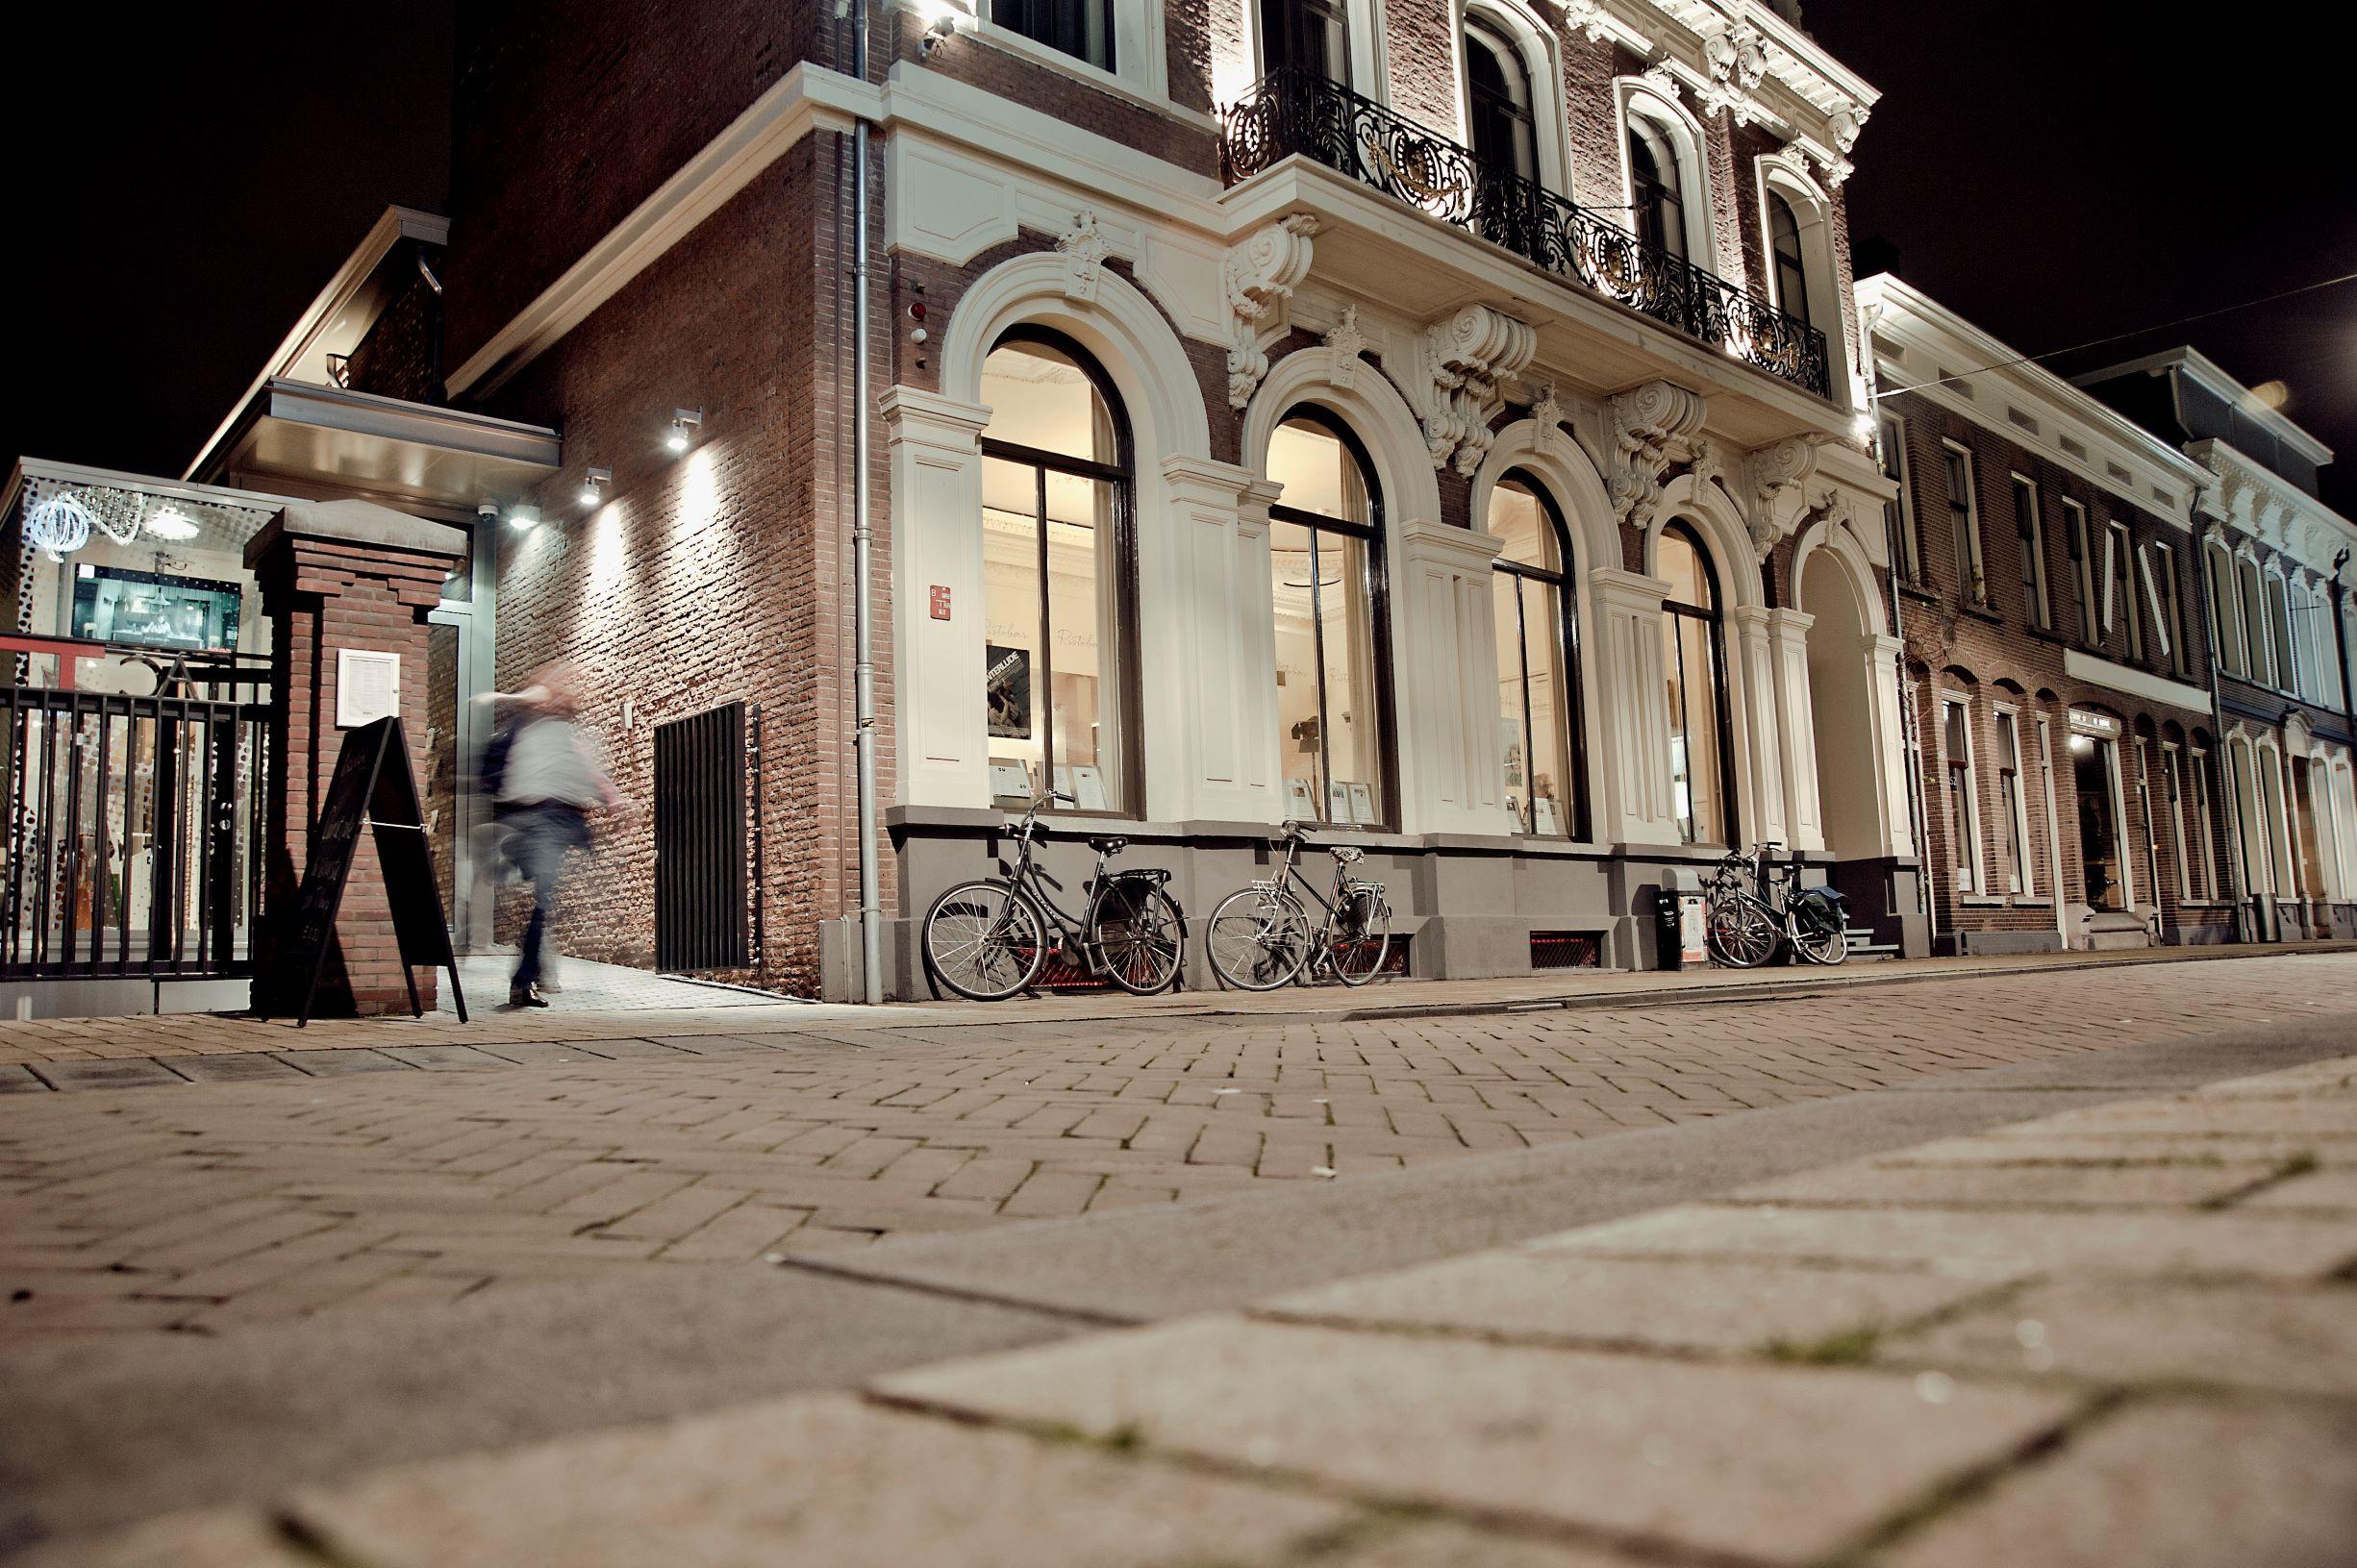 Cinecitta-International-Film-Festival-Tilburg-October-2021